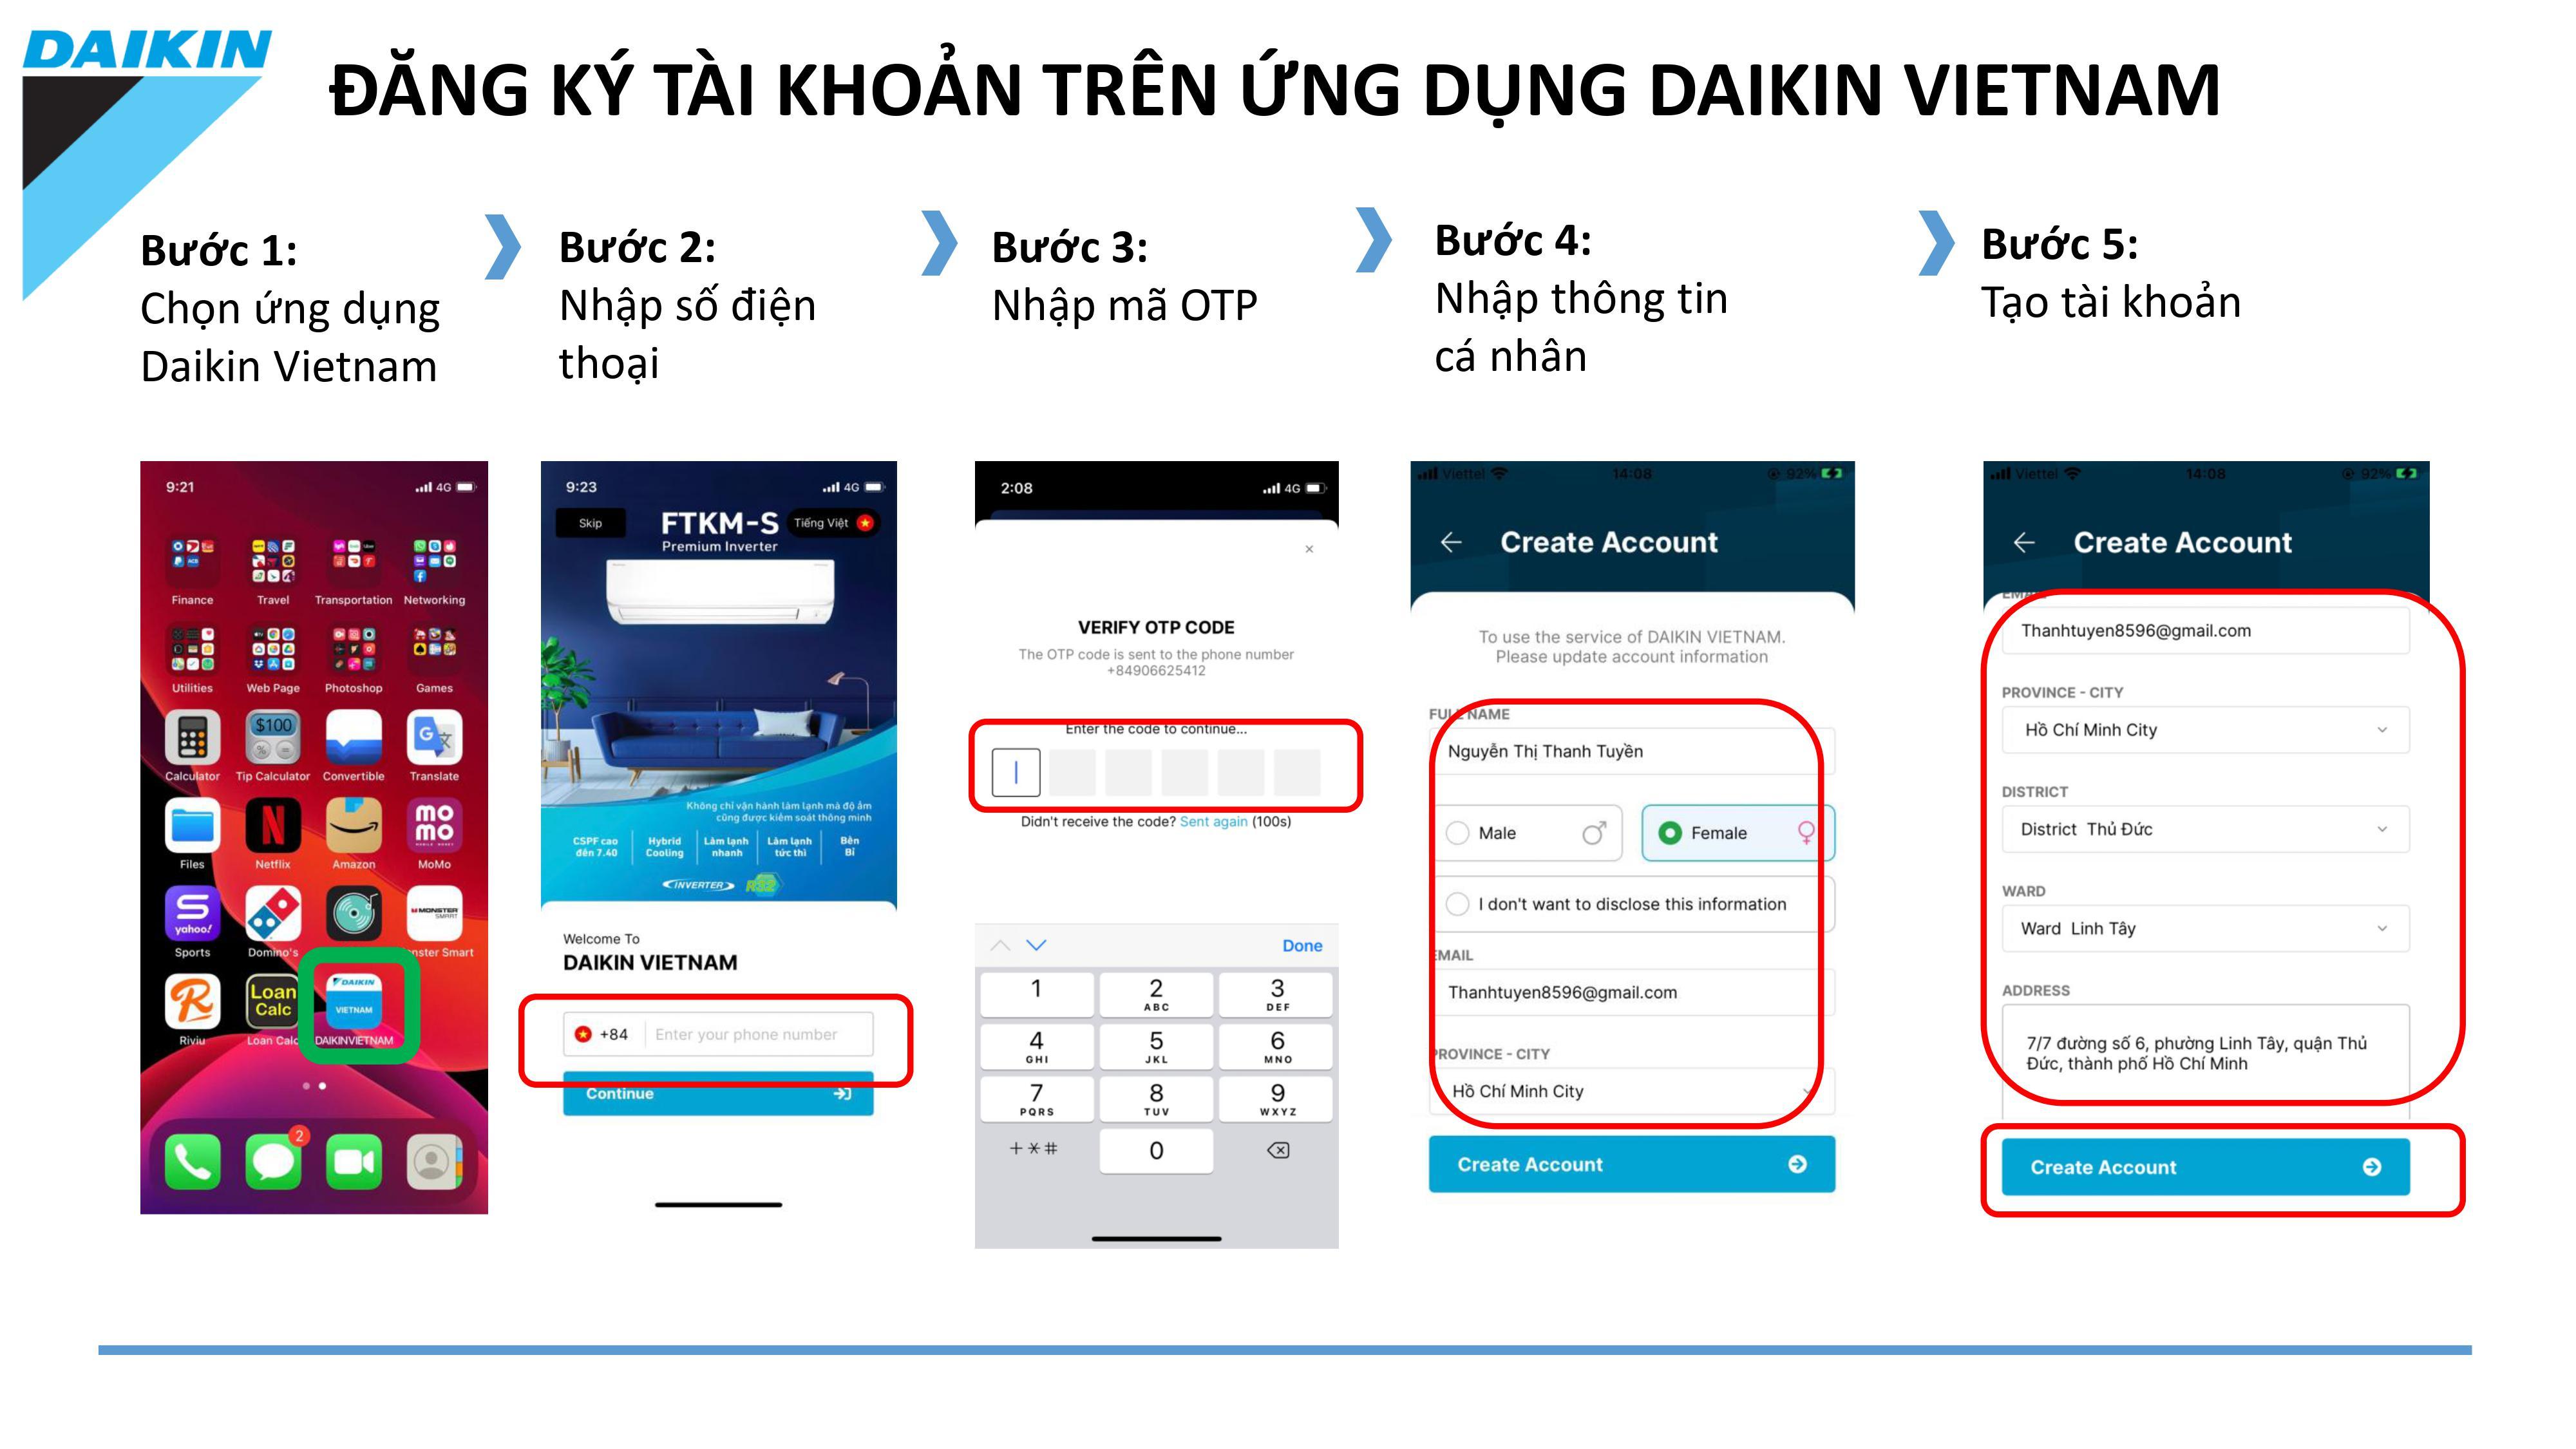 Đăng kí thông tin trên ứng dụng